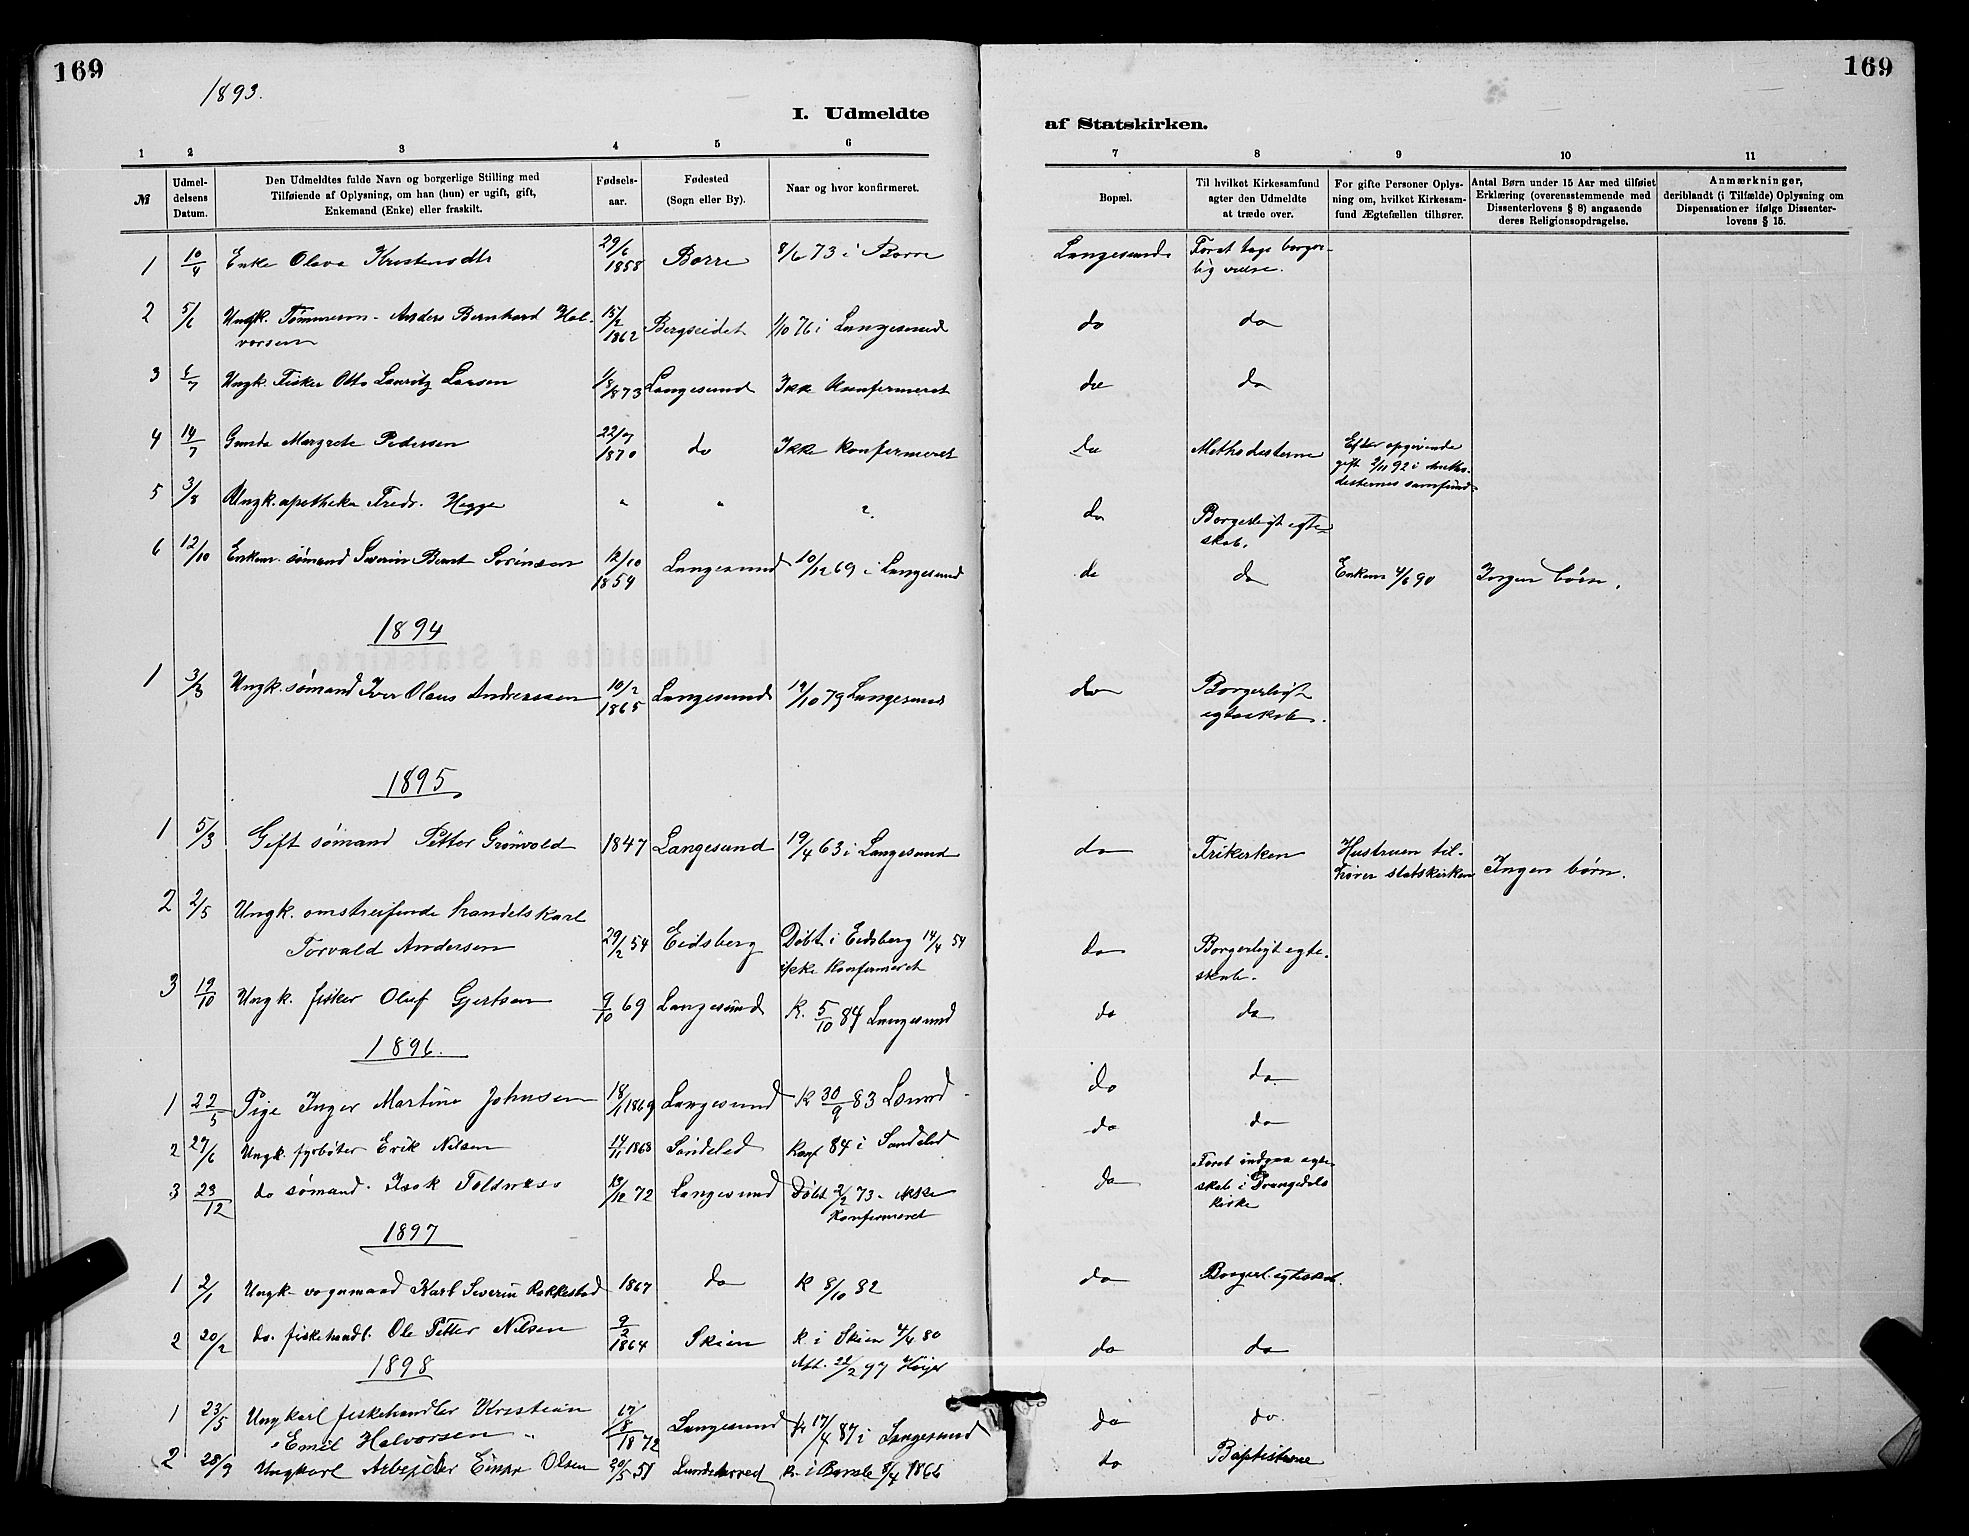 SAKO, Langesund kirkebøker, G/Ga/L0005: Klokkerbok nr. 5, 1884-1898, s. 169